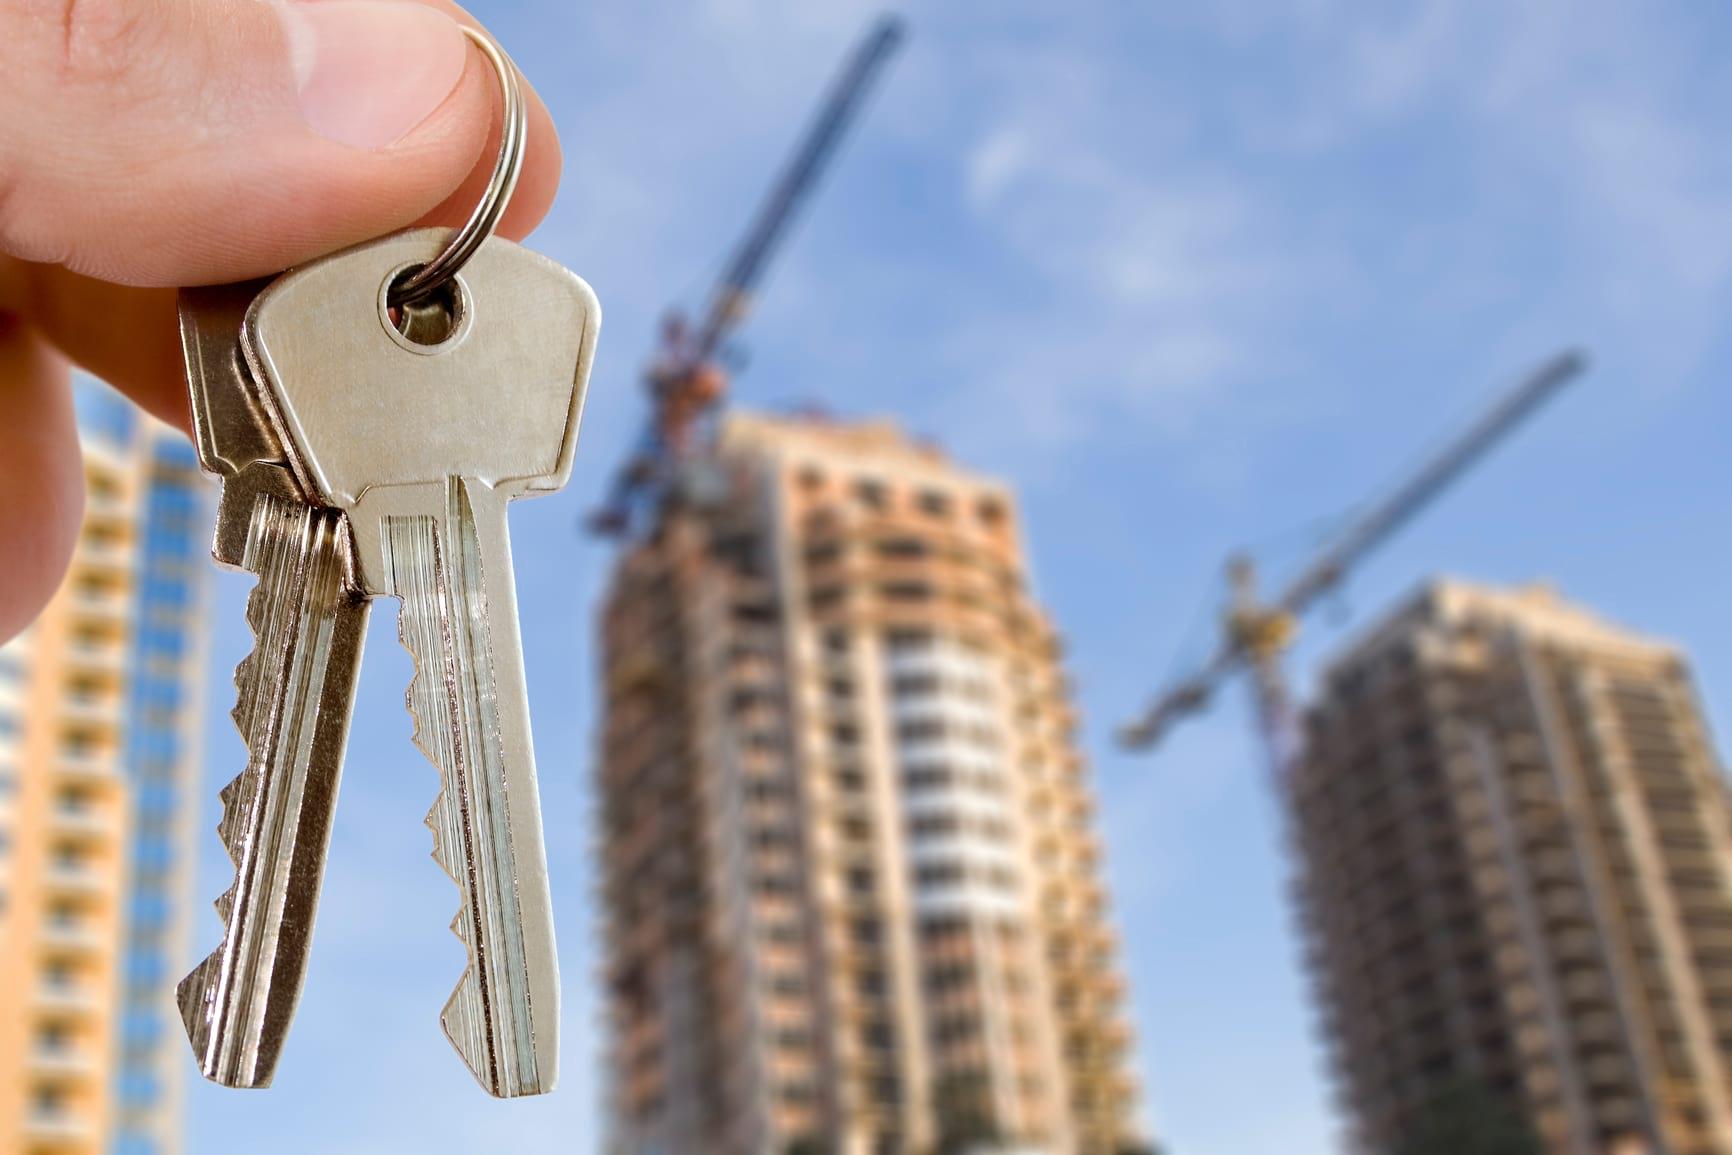 Изображение - Покупка квартиры менее 3 лет в собственности, какие риски есть у покупателя wsi-imageoptim-novostroika